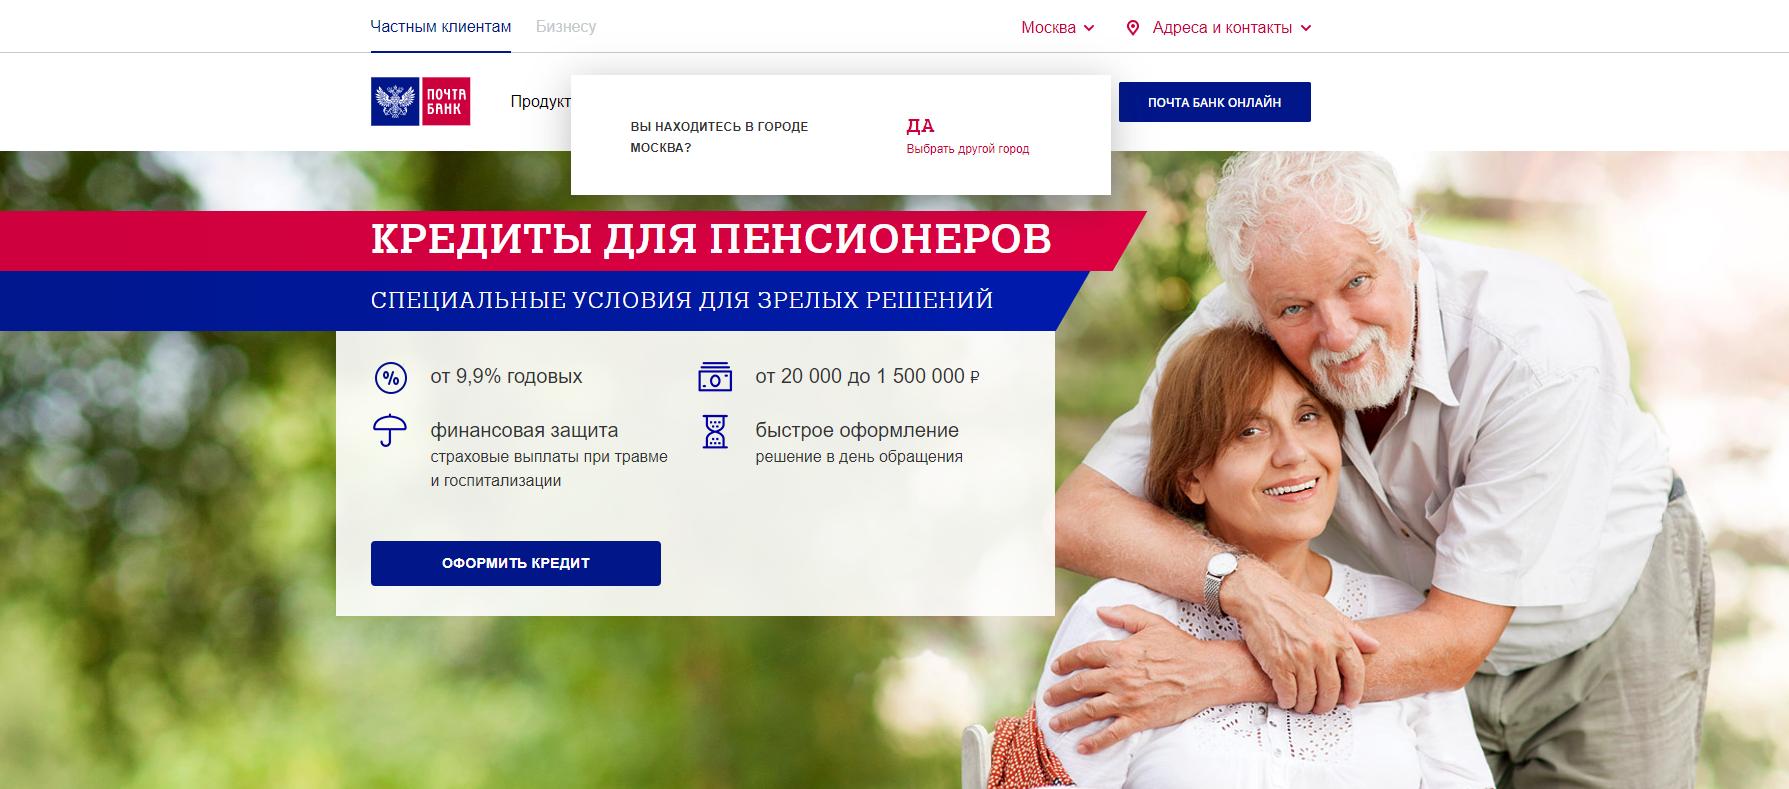 pochta-bank-kredit-dlya-pensionerov_